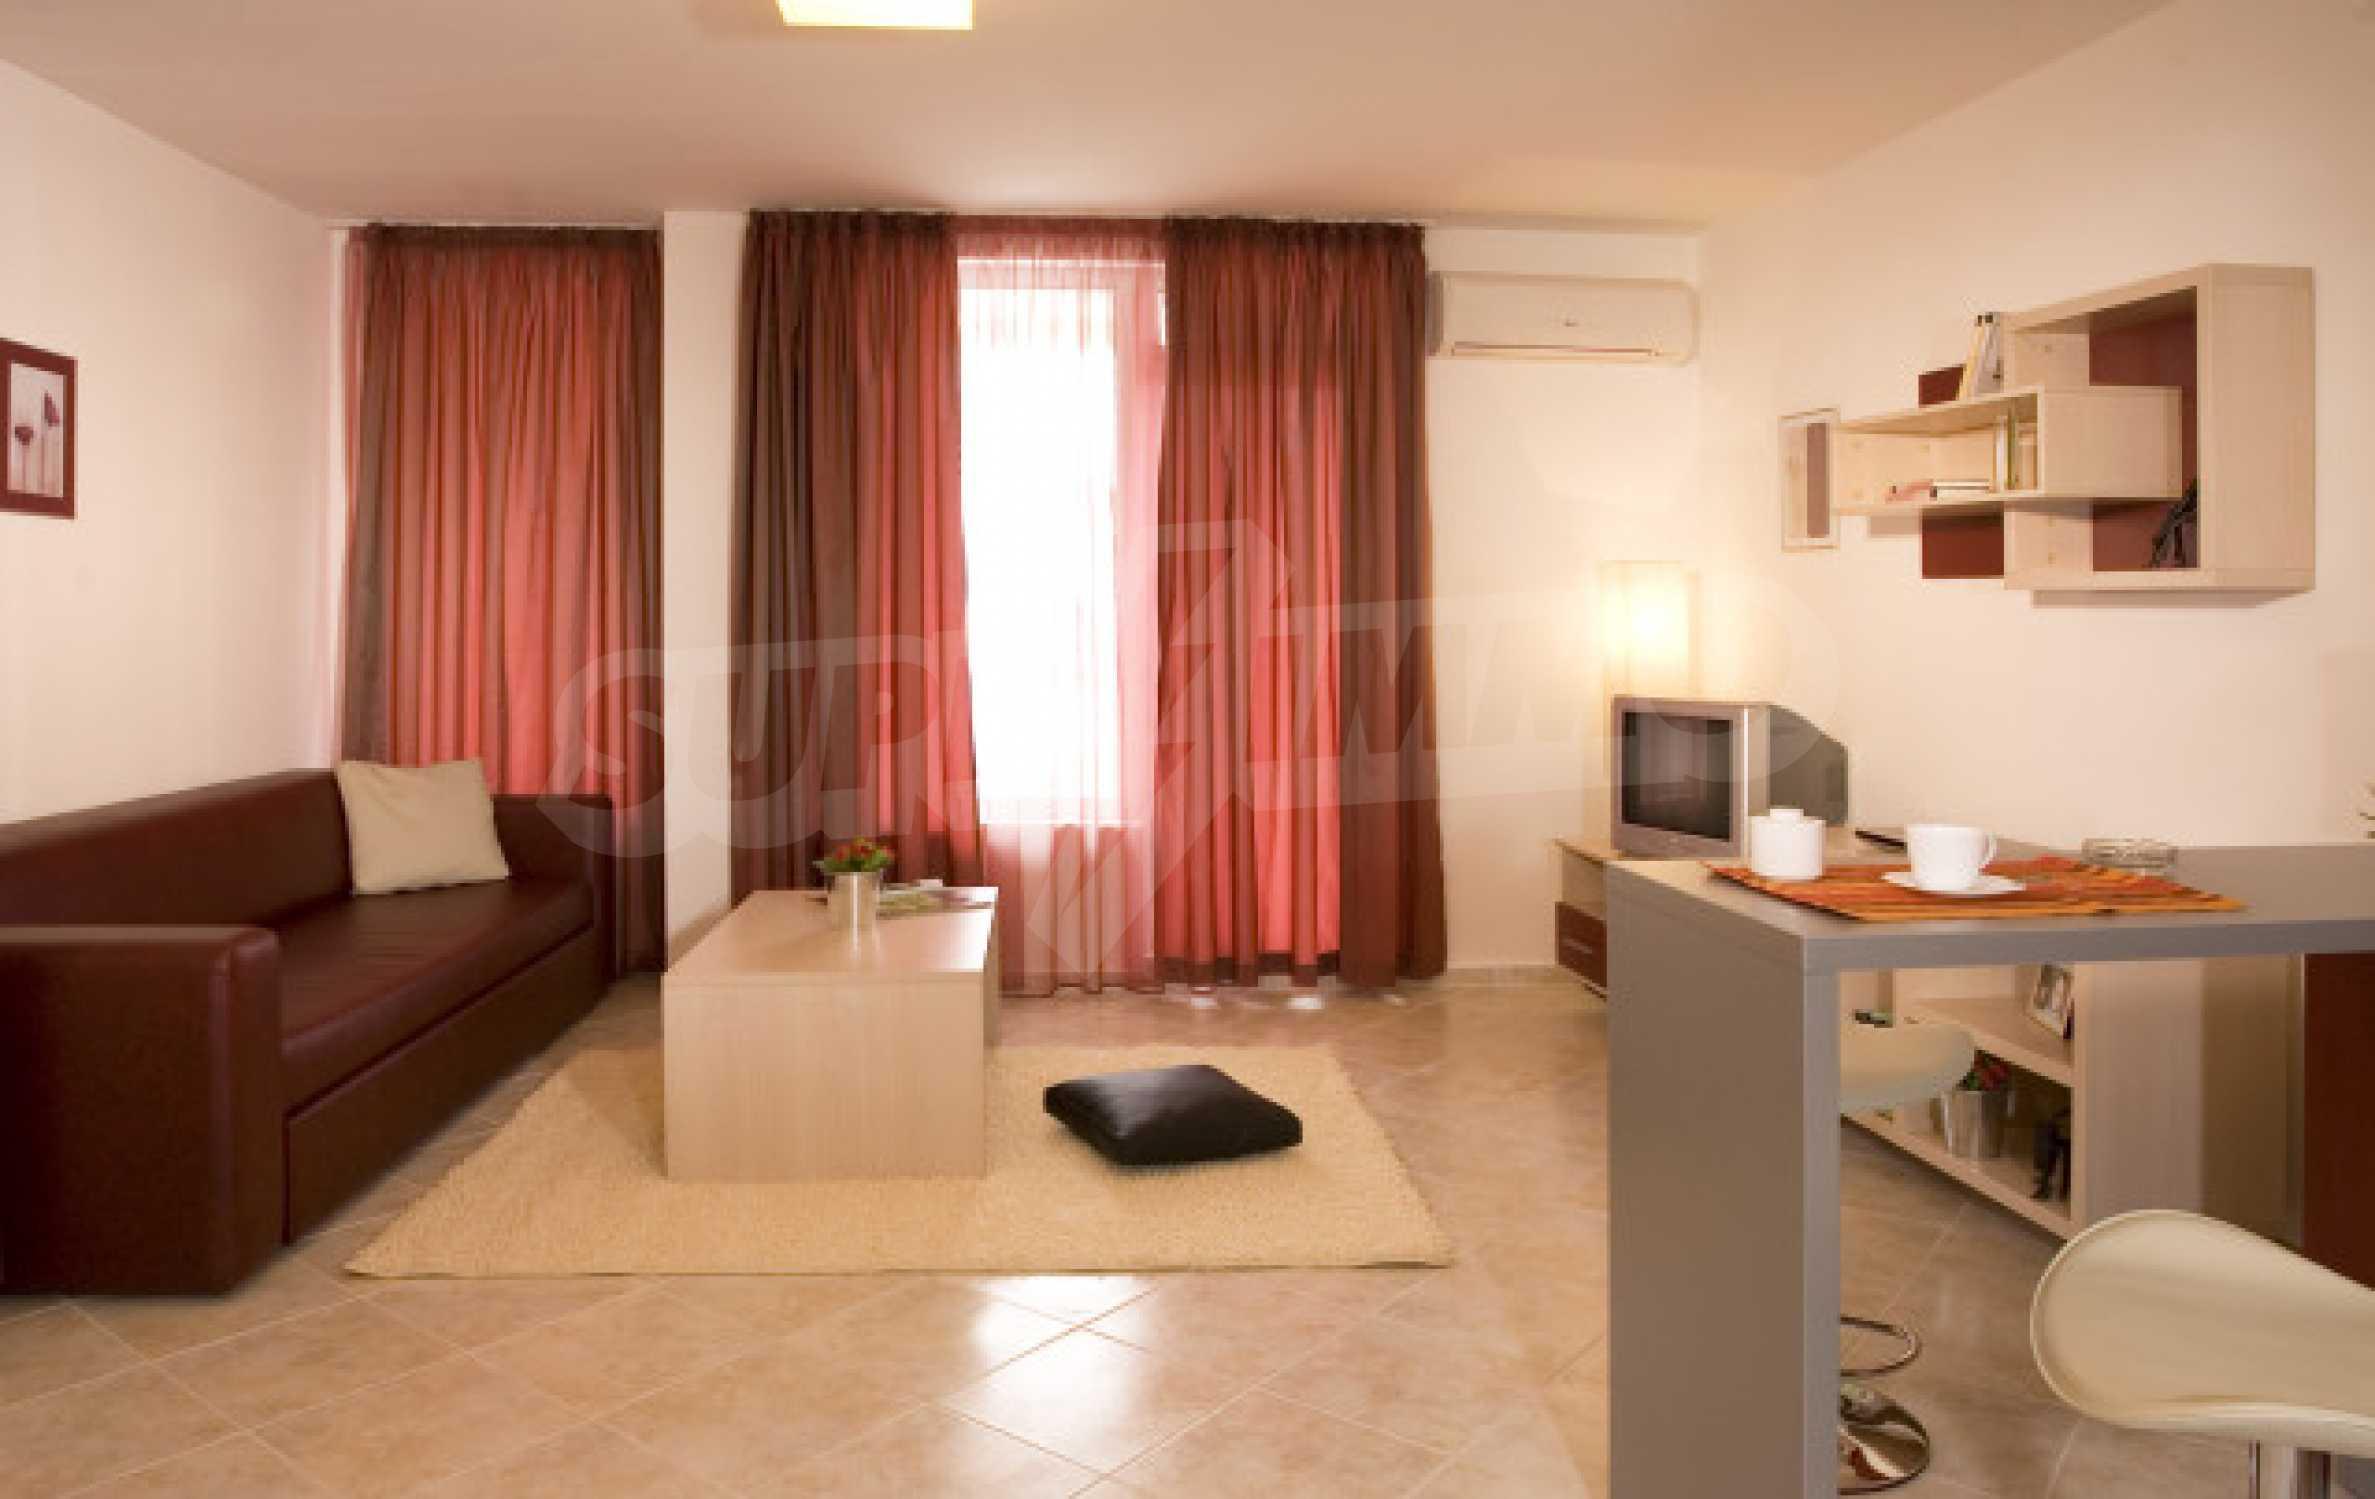 Sunset Kosharitsa - Apartments in einem attraktiven Berg- und Seekomplex, 5 Autominuten vom Sonnenstrand entfernt 60